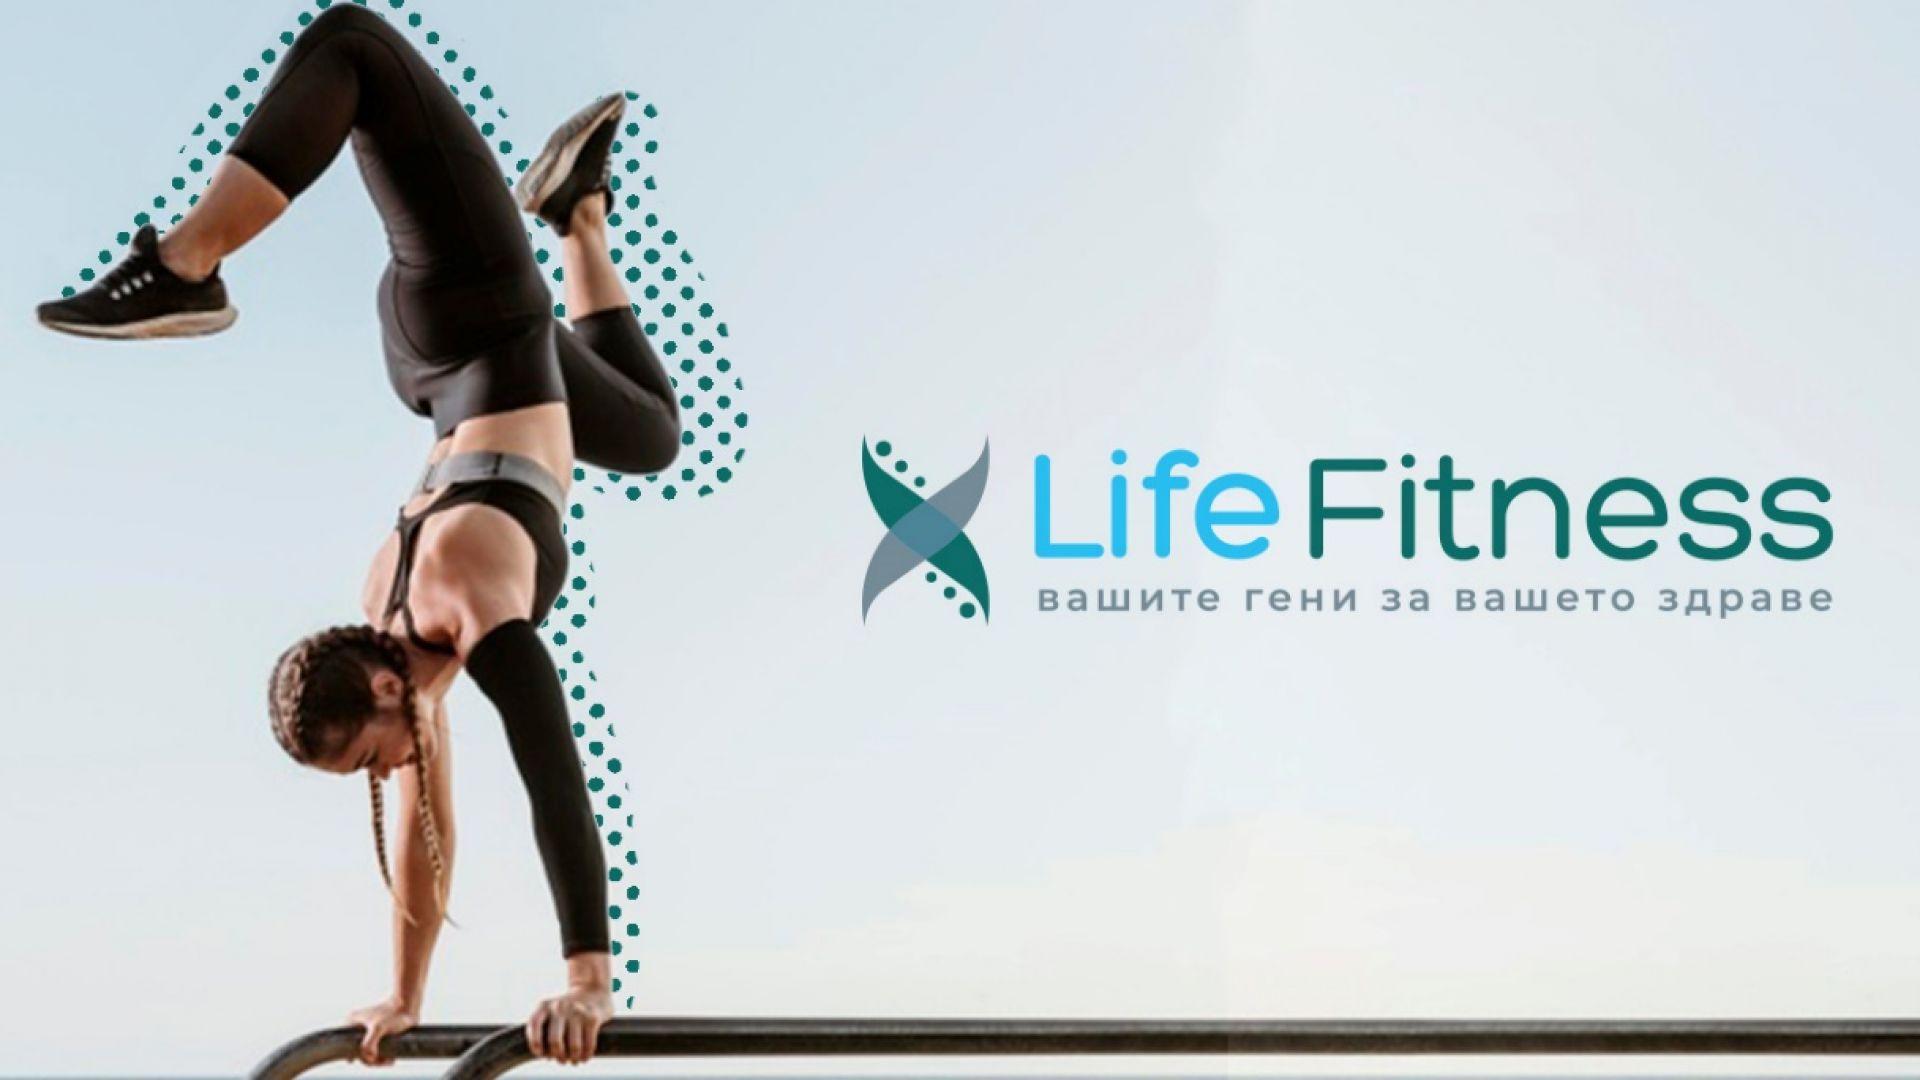 Коя е най-ефективната фитнес тренировка и какво е общото ѝ с ДНК?